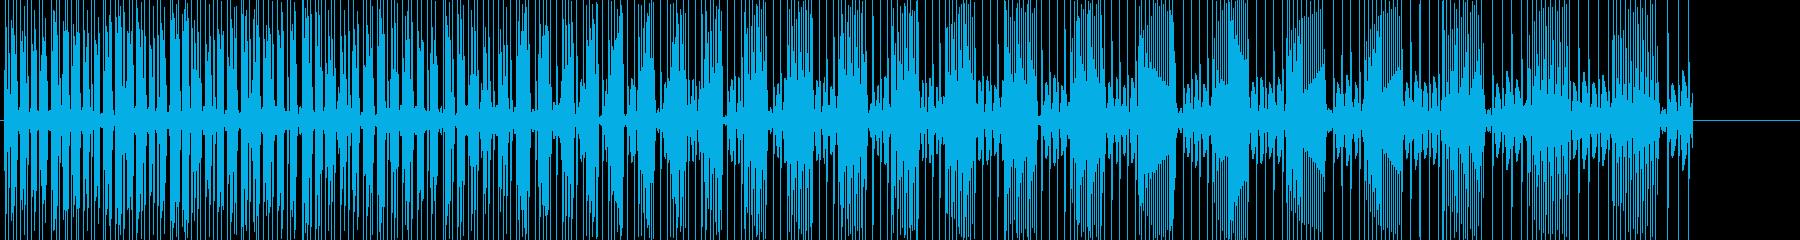 パワーダウンの音です。の再生済みの波形